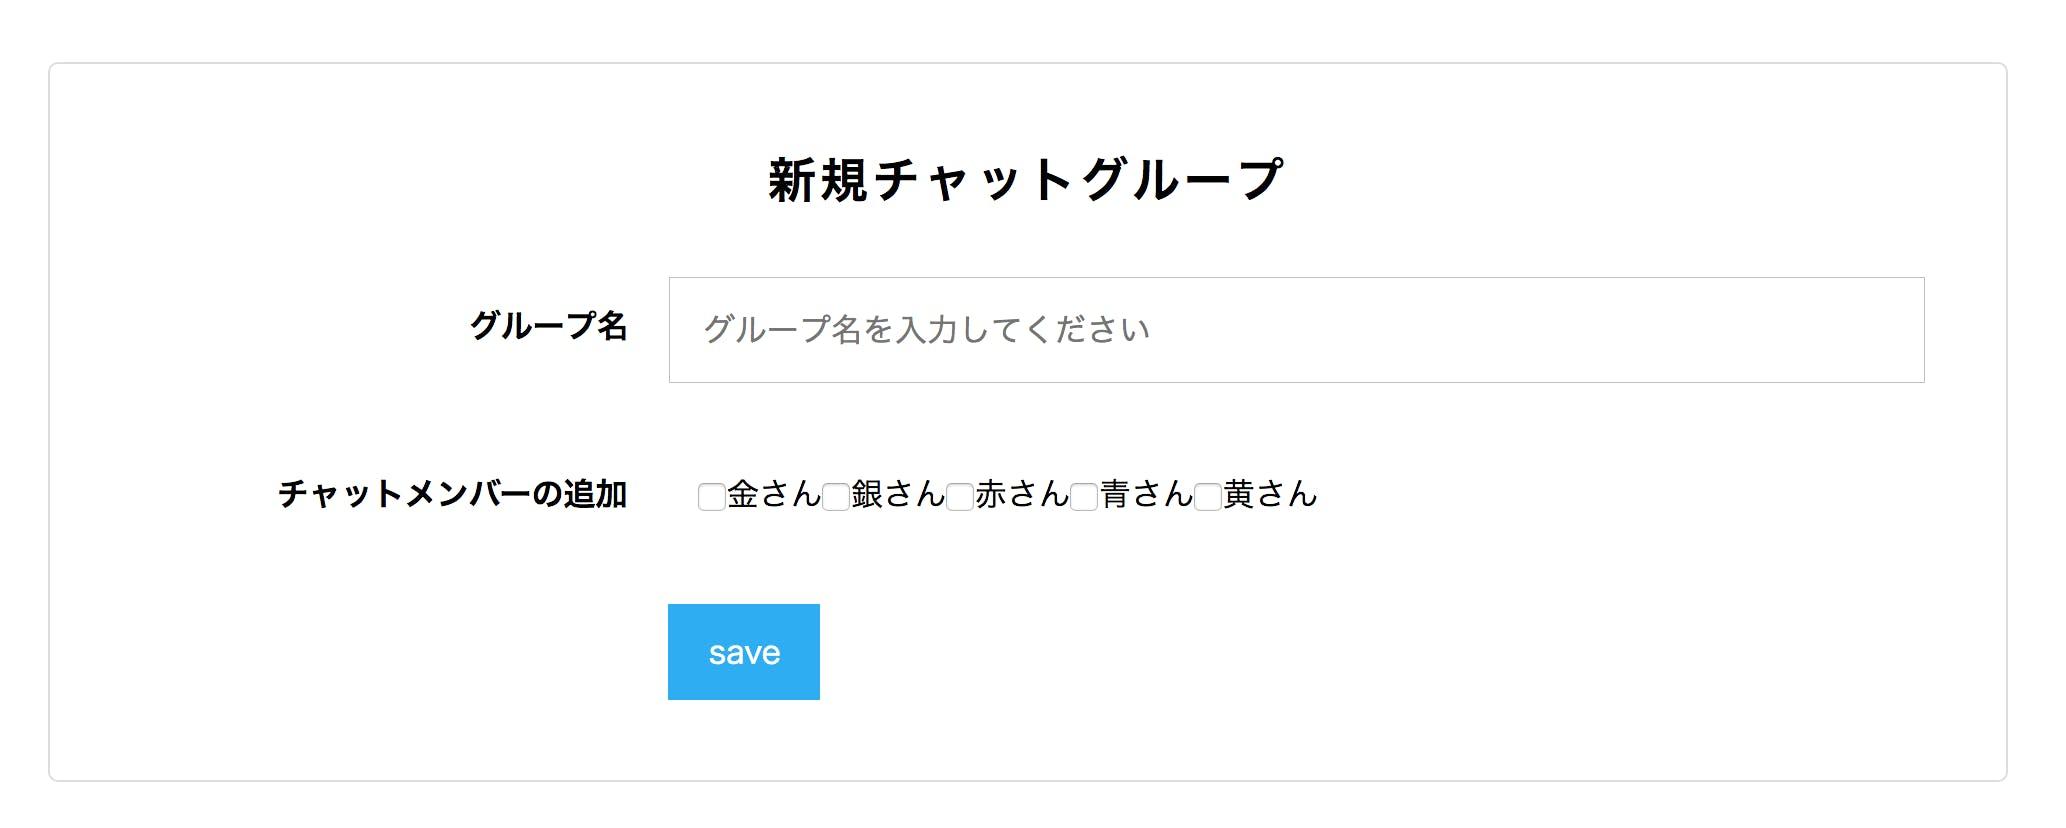 スクリーンショット 2017-05-07 16.37.02.png